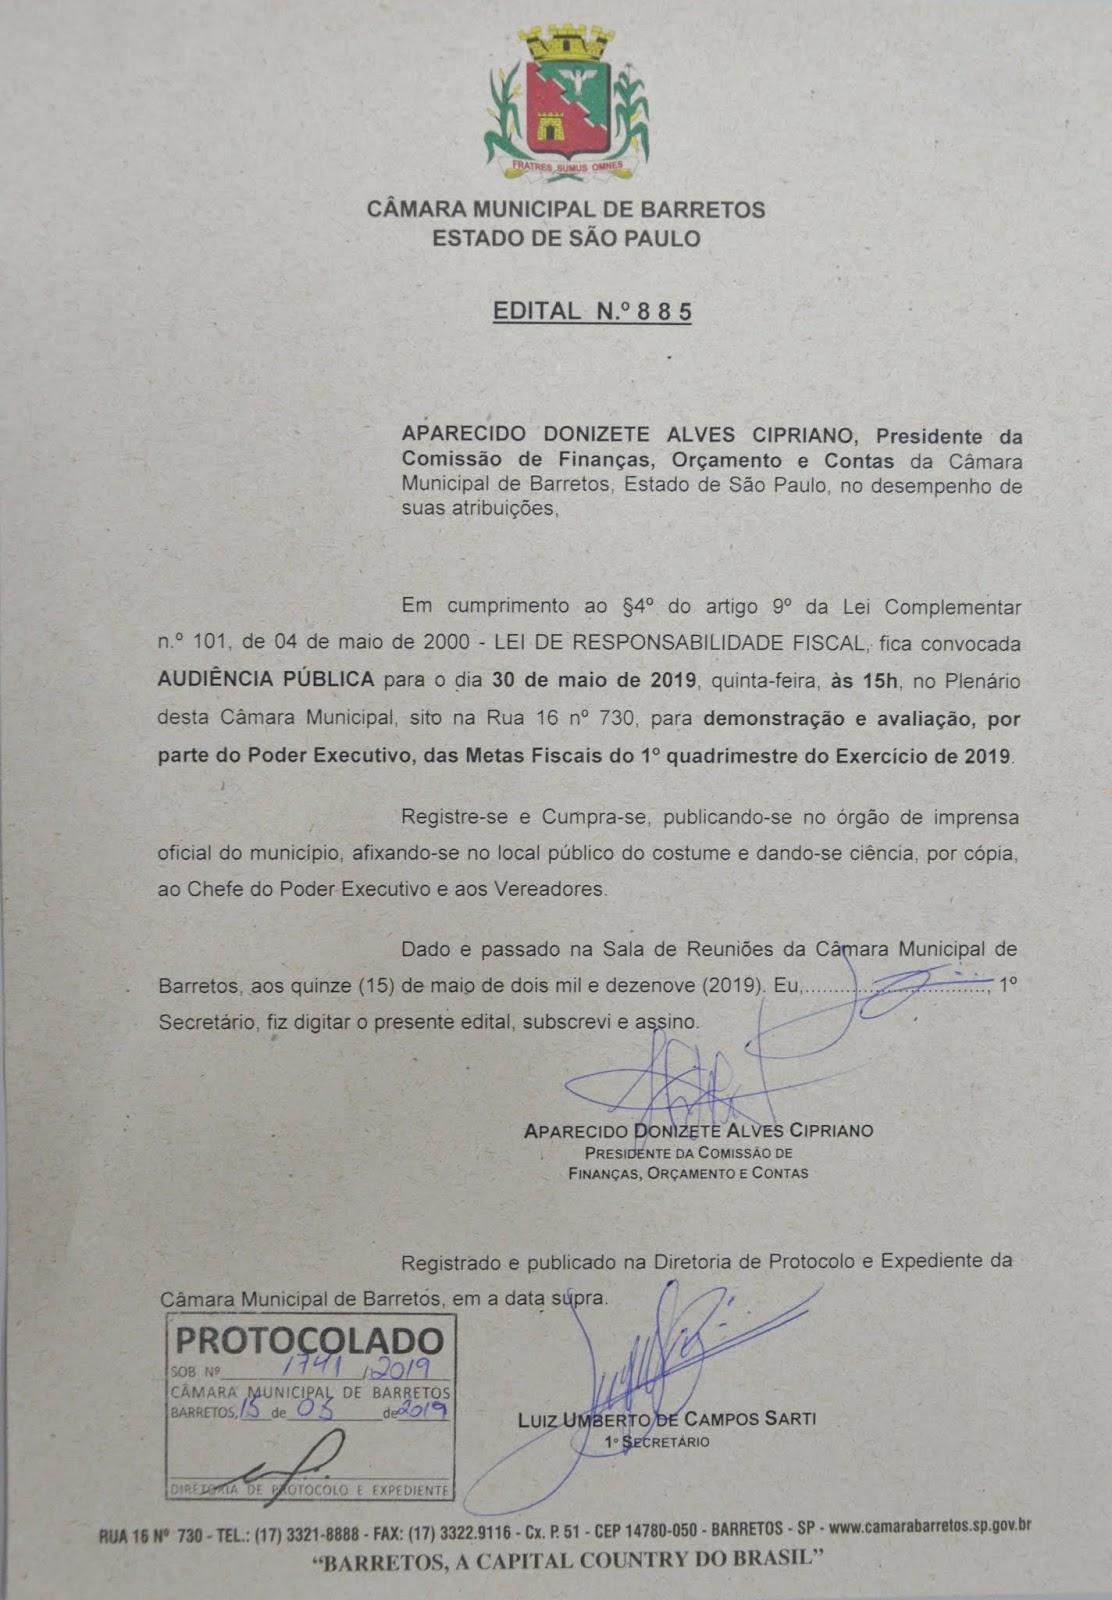 Prestação de contas da Prefeitura são analisadas na Câmara Municipal de Barretos-SP em 30/05/2019 às 15hsoo